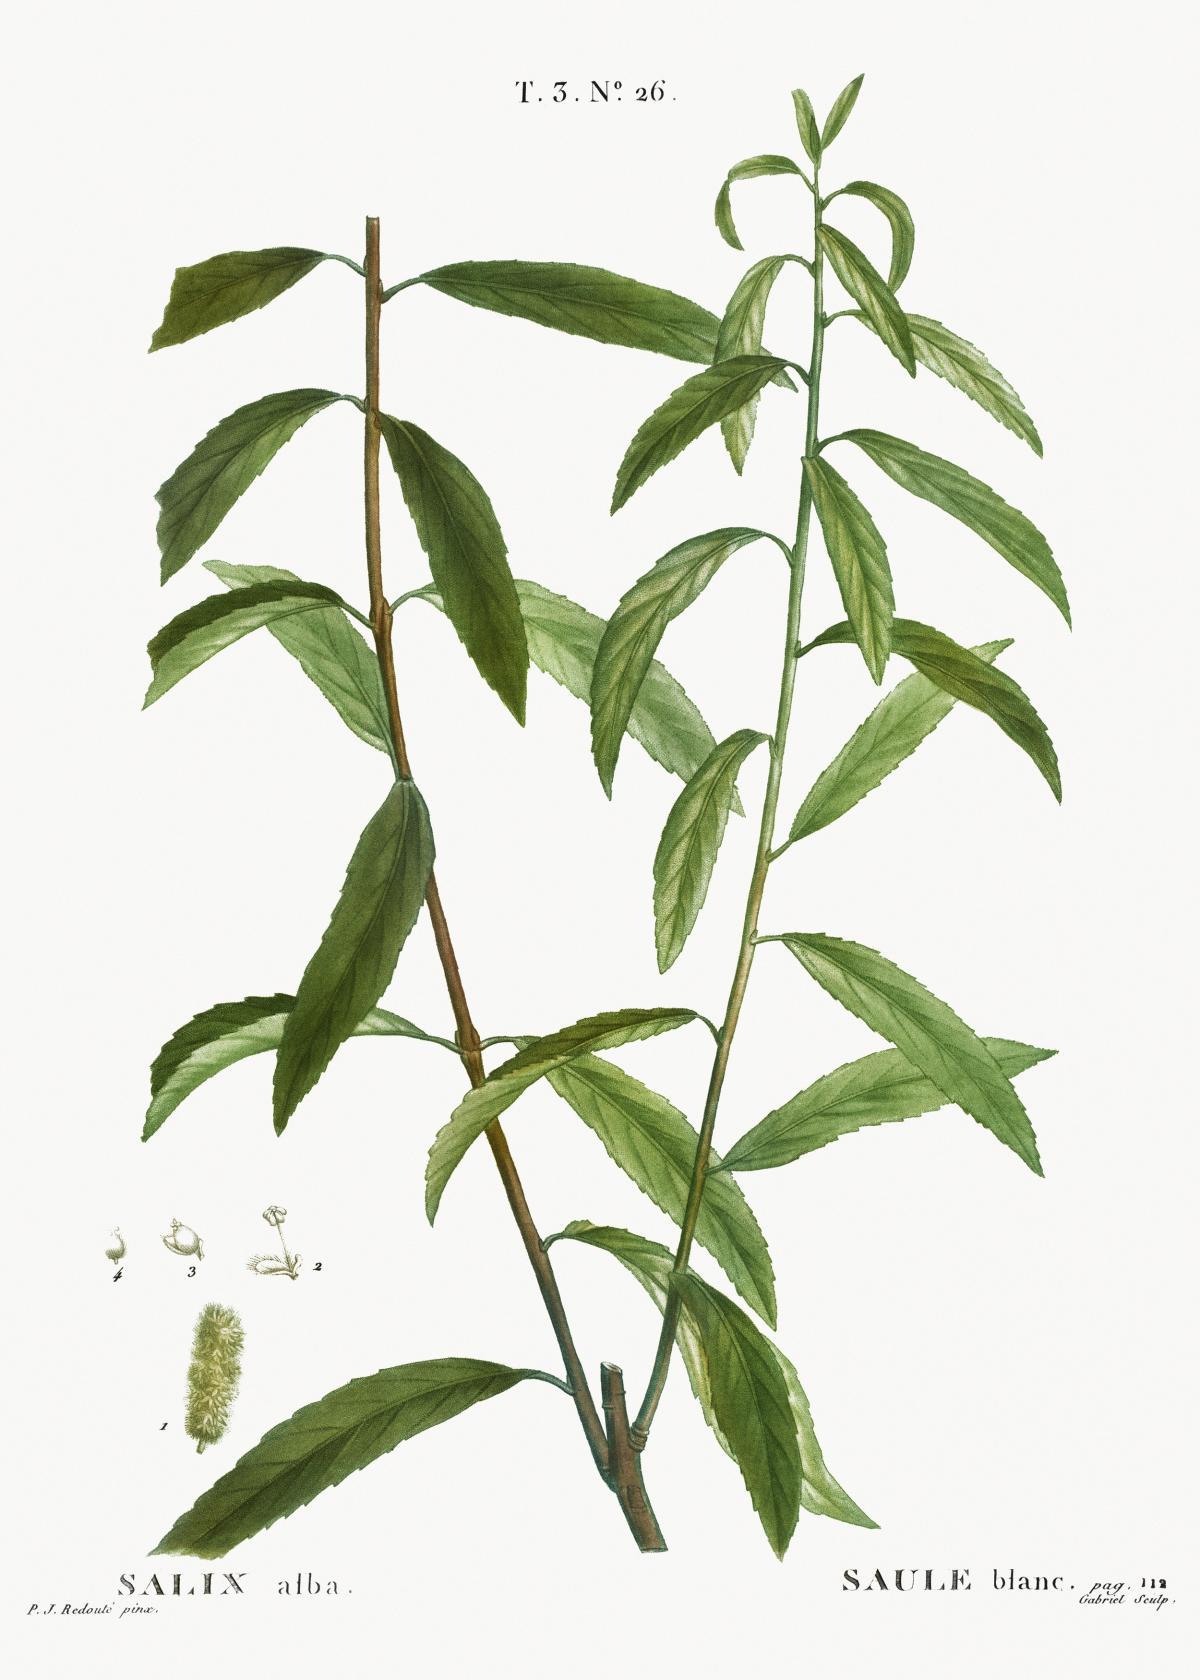 White willow, Salix alba from Traité des Arbres et Arbustes que l'on cultive en France en pleine terre (1801–1819) by Pierre-Joseph Redouté. Original from the New York Public Library.